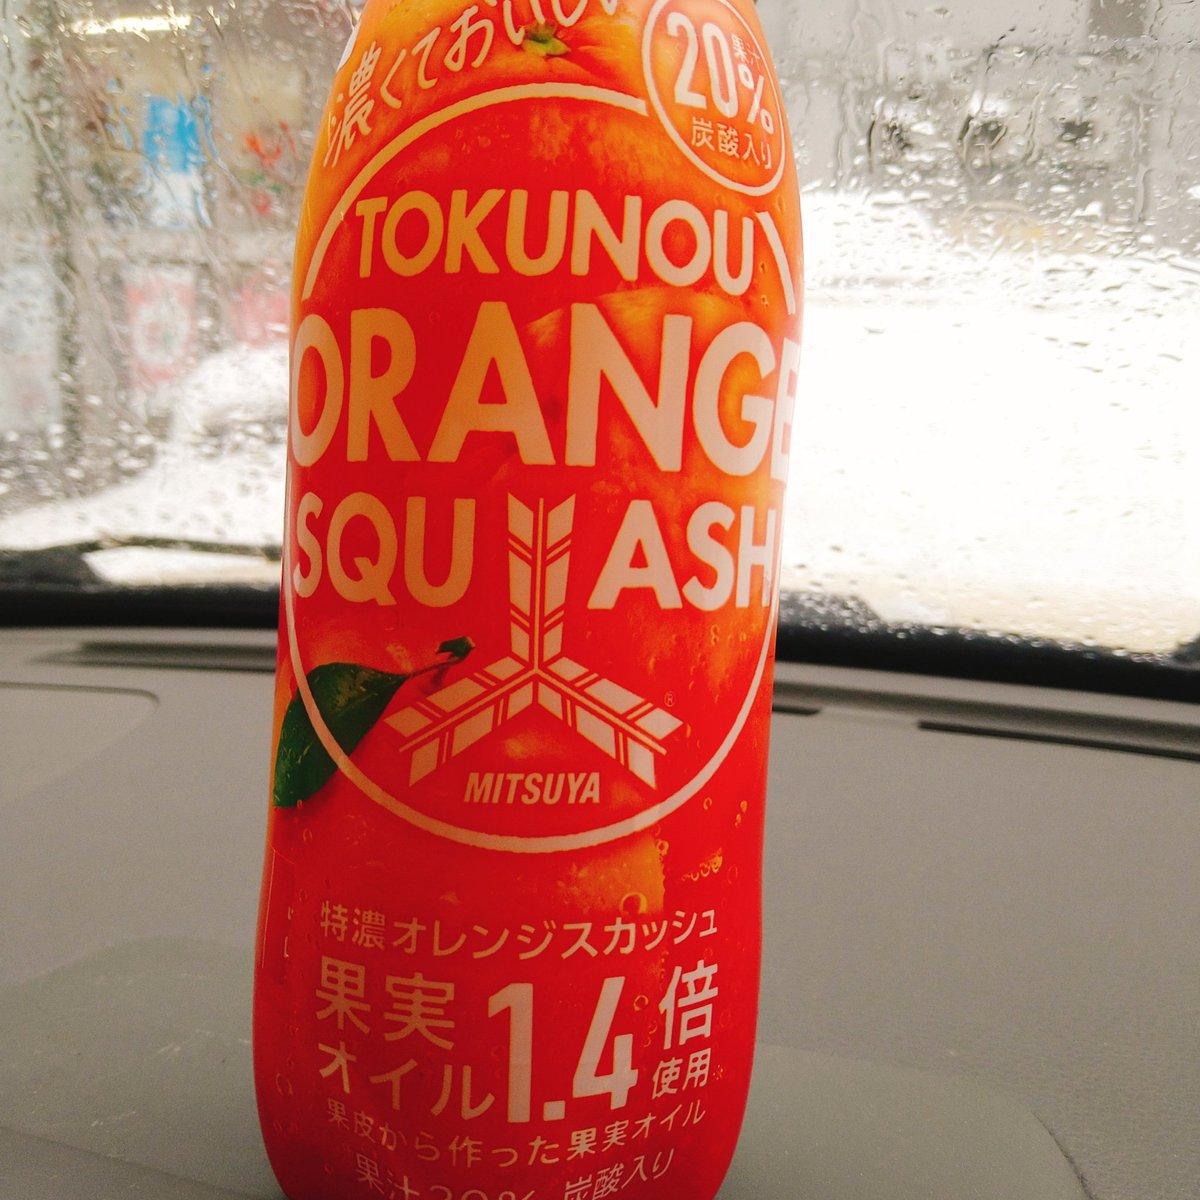 濃くておいしい オレンジスカッシュ  #ASAHI #特濃オレンジスカッシュ